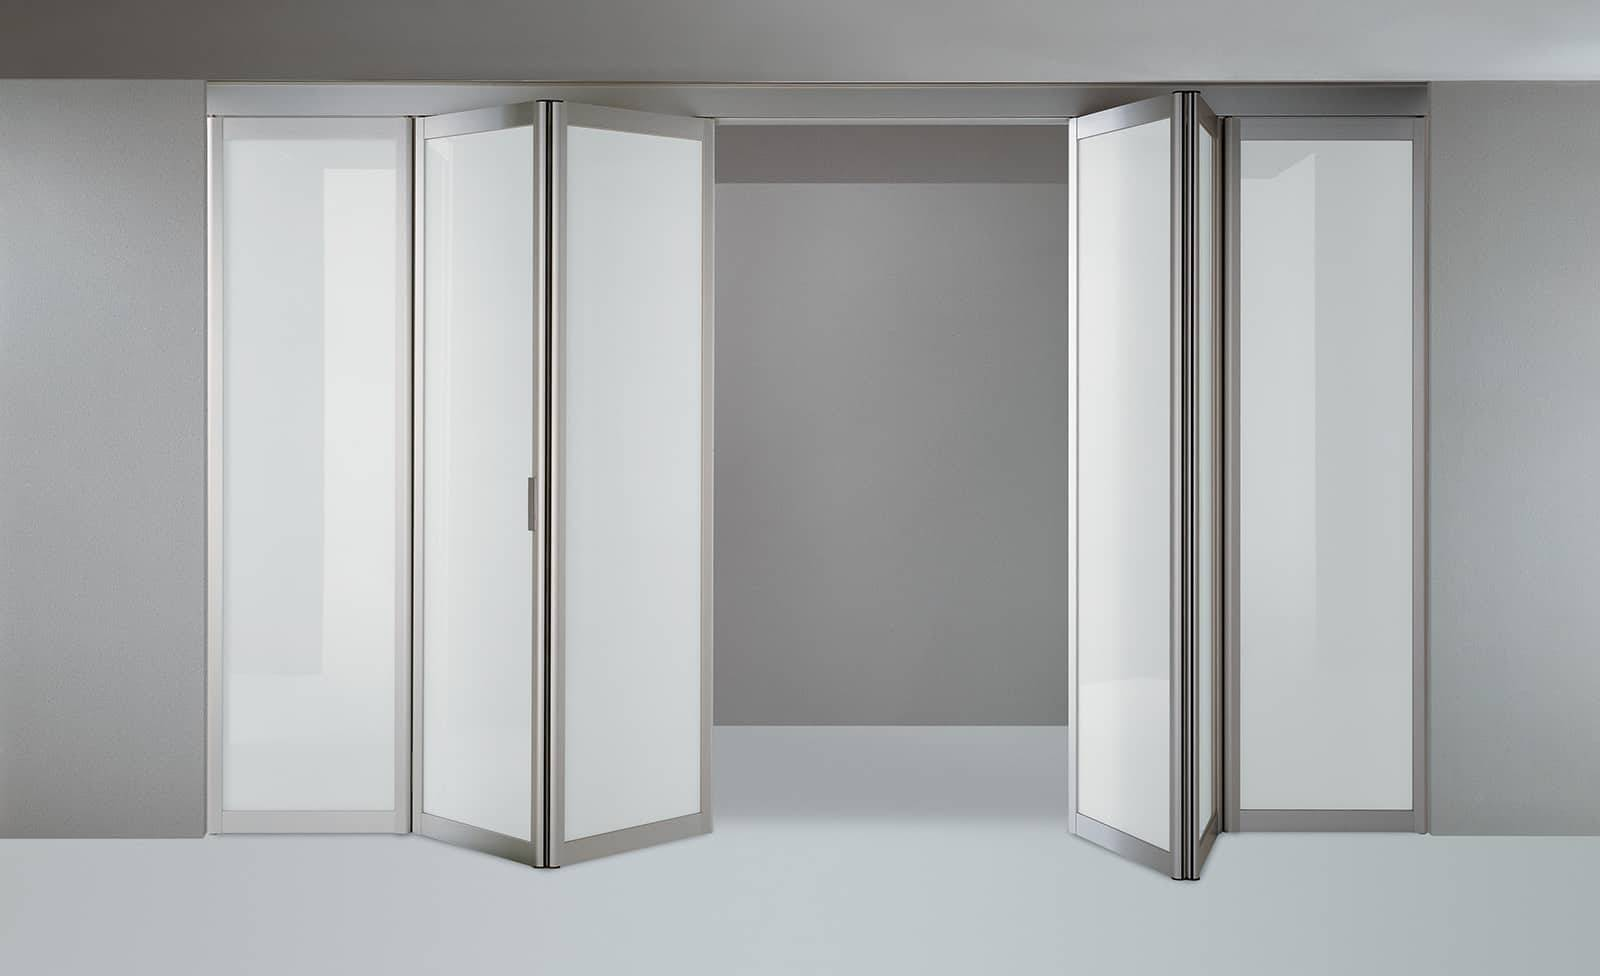 design transparant glazen vouwdeuren met aluminium kader